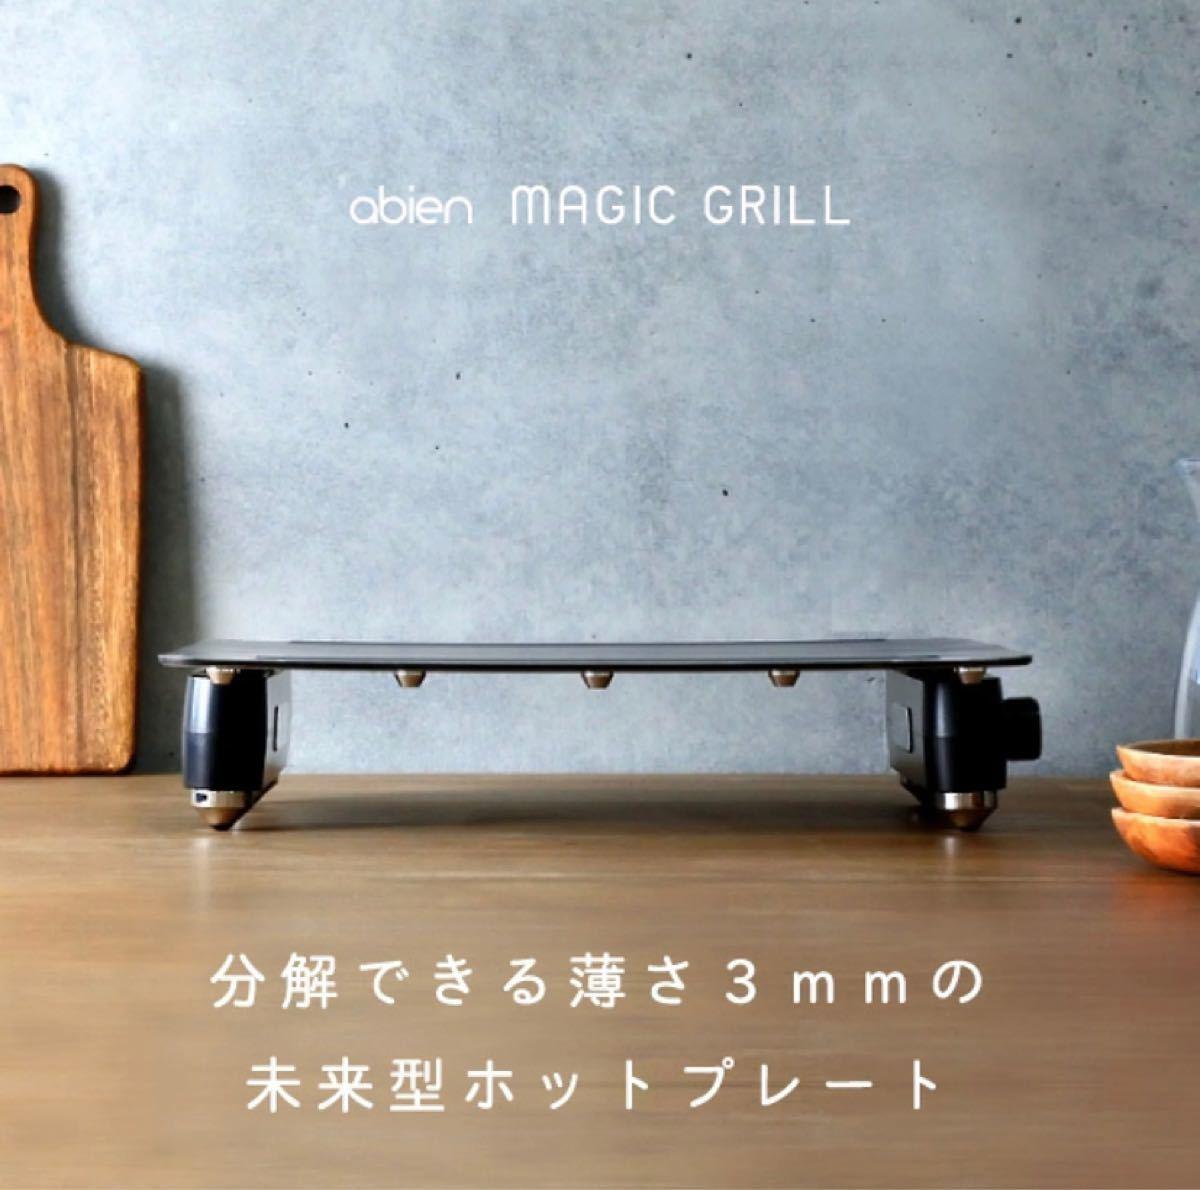 アビエン マジックグリル ホットプレート abien MAGIC GRILL スマートグリル プレート 新品